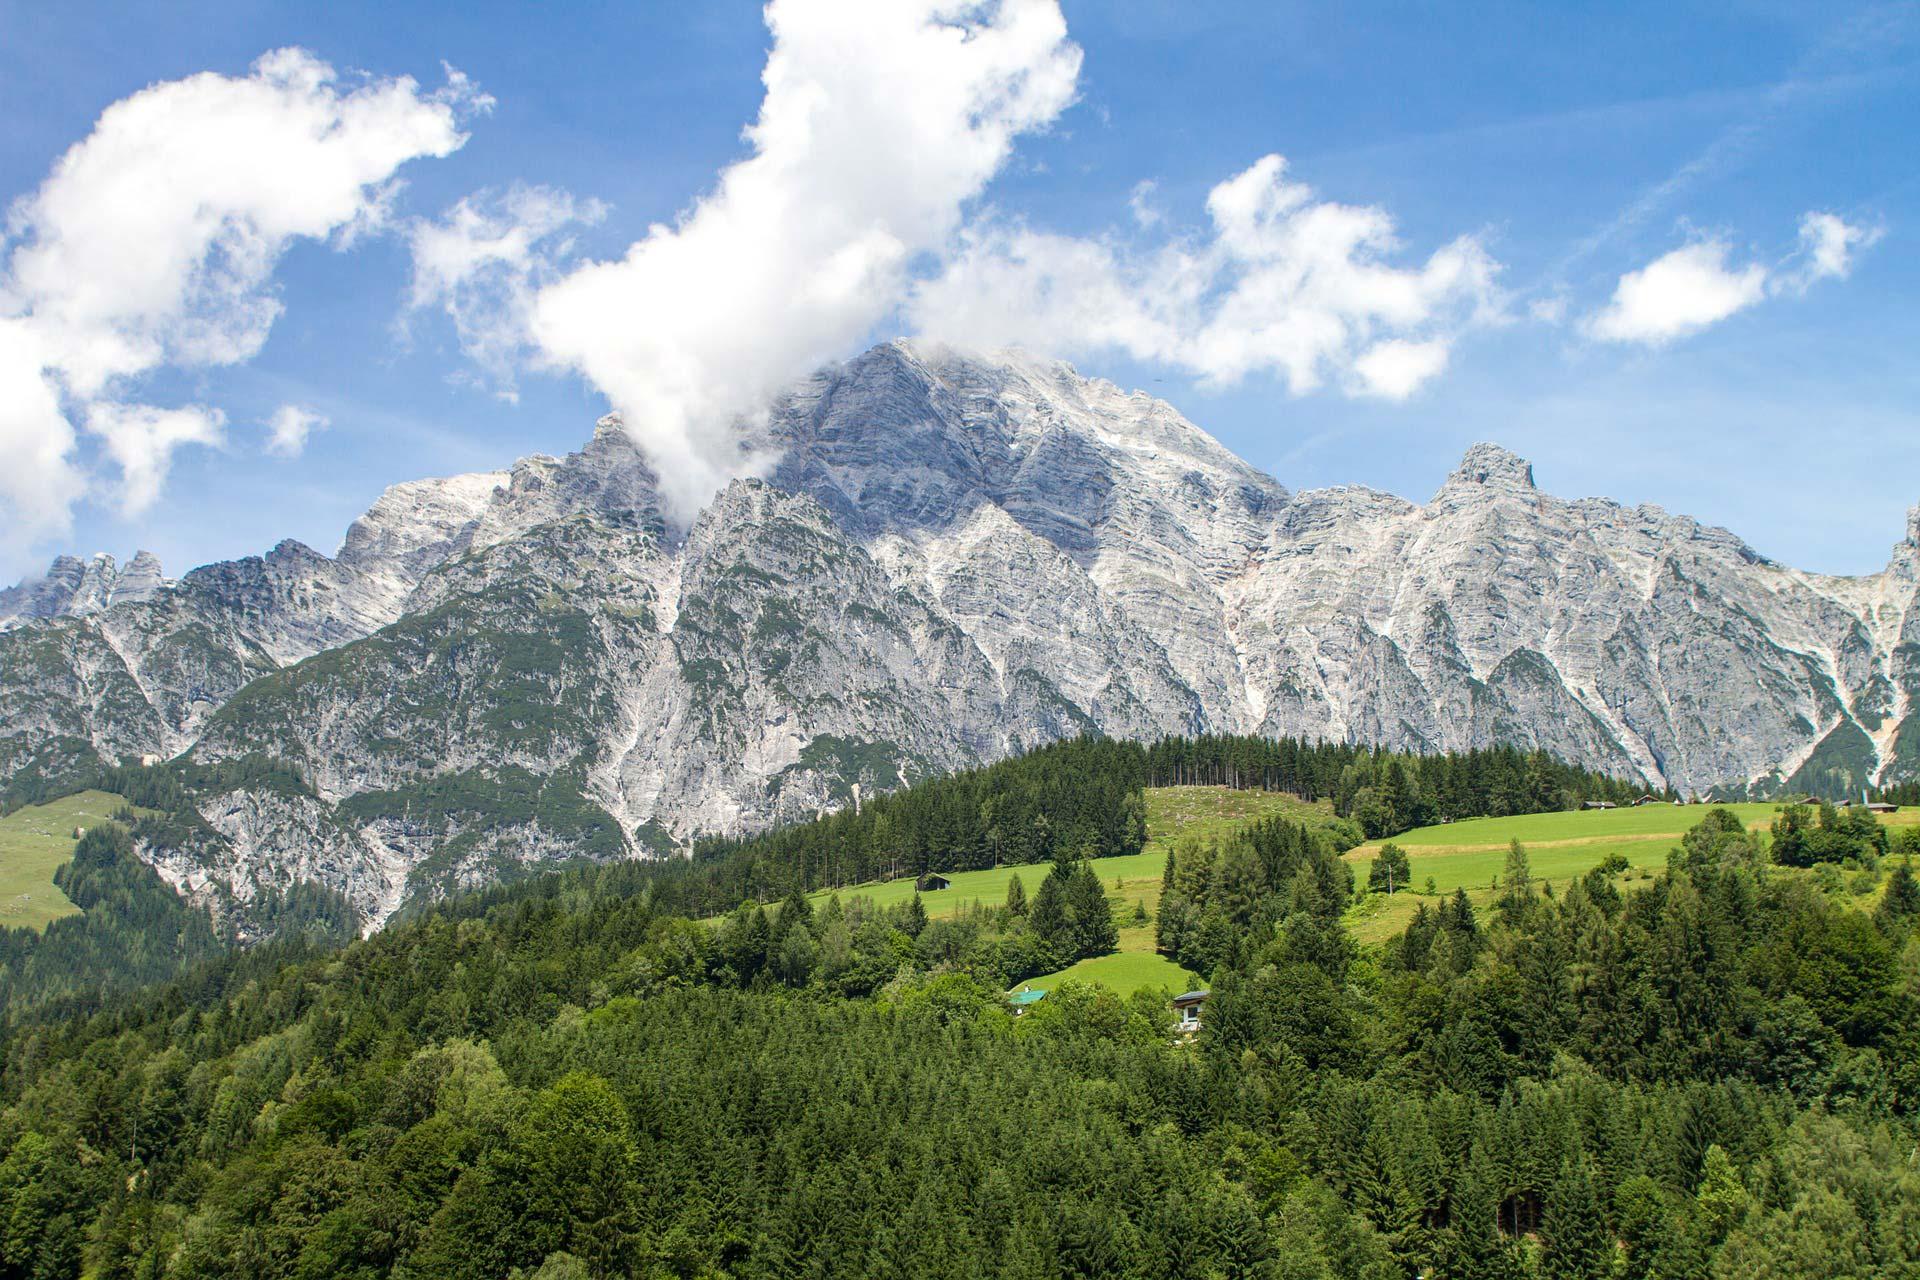 Auch das Salzburger Umland ist ein wahrer Augenschmaus - doch nichts ist schöner als ein leckeres Abendessen nach einem harten Wandertag.